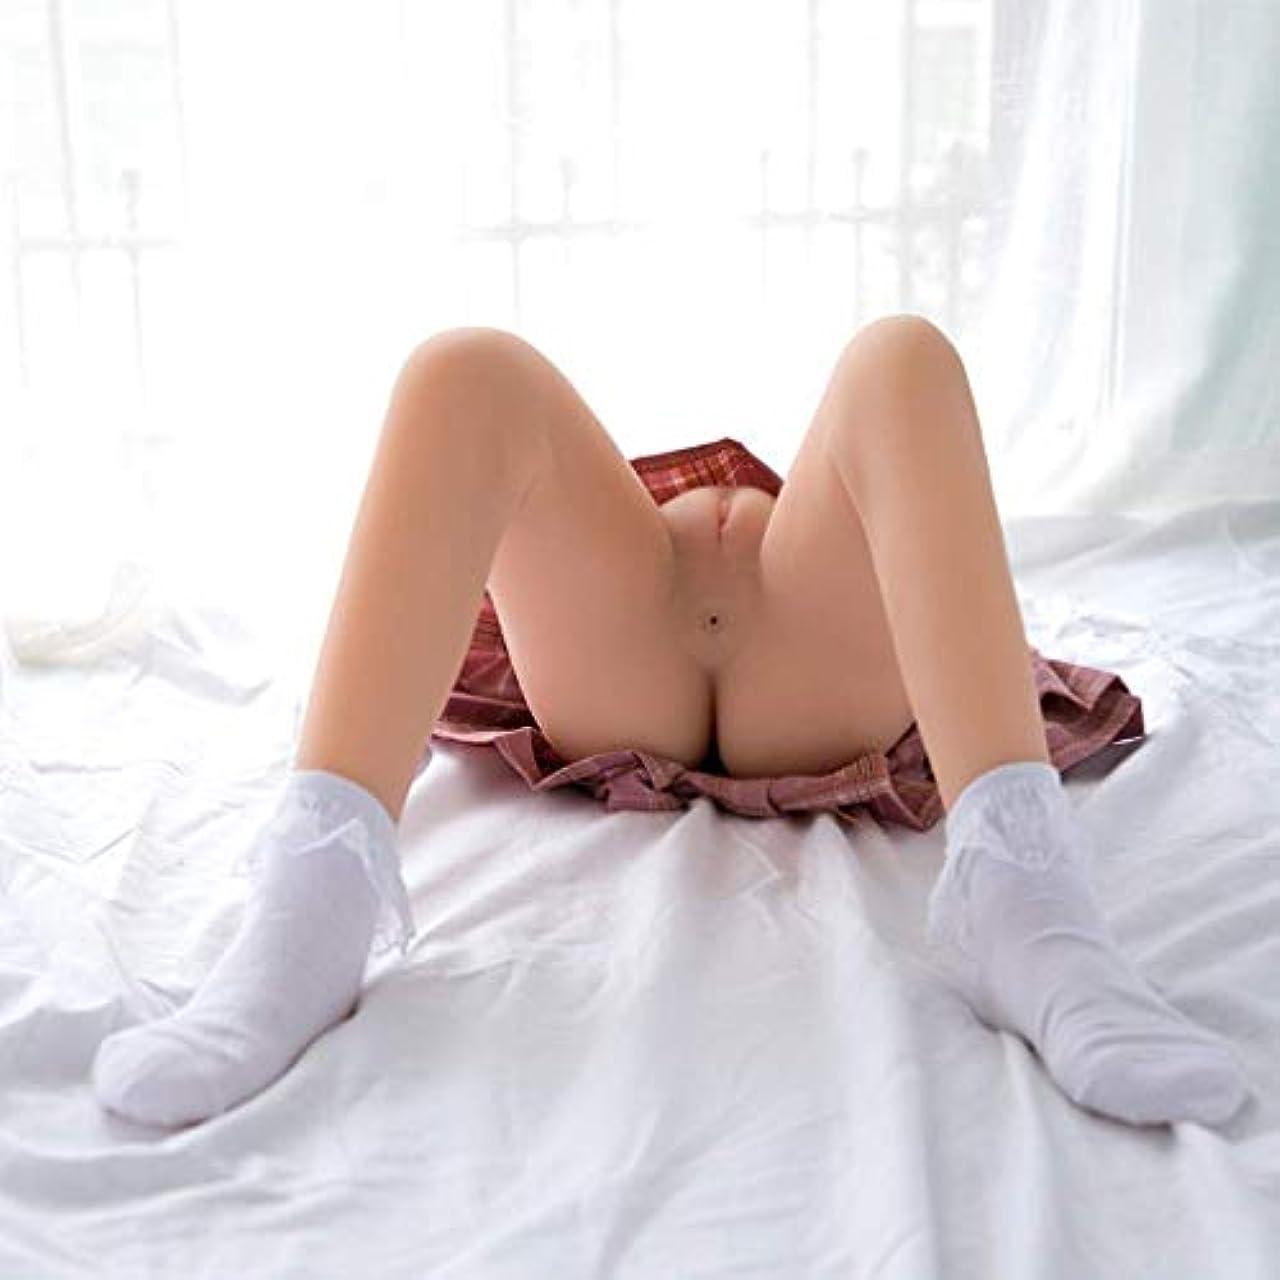 ダウン発揮する従順男性は男性ハンズフリースリーブストローツール用シリコーンリアルタイムスキンポケットP`üššýトルソーを再生するためのフルボディLOVEDõlés、Aadültセックスプレイ (Size : 70cm)